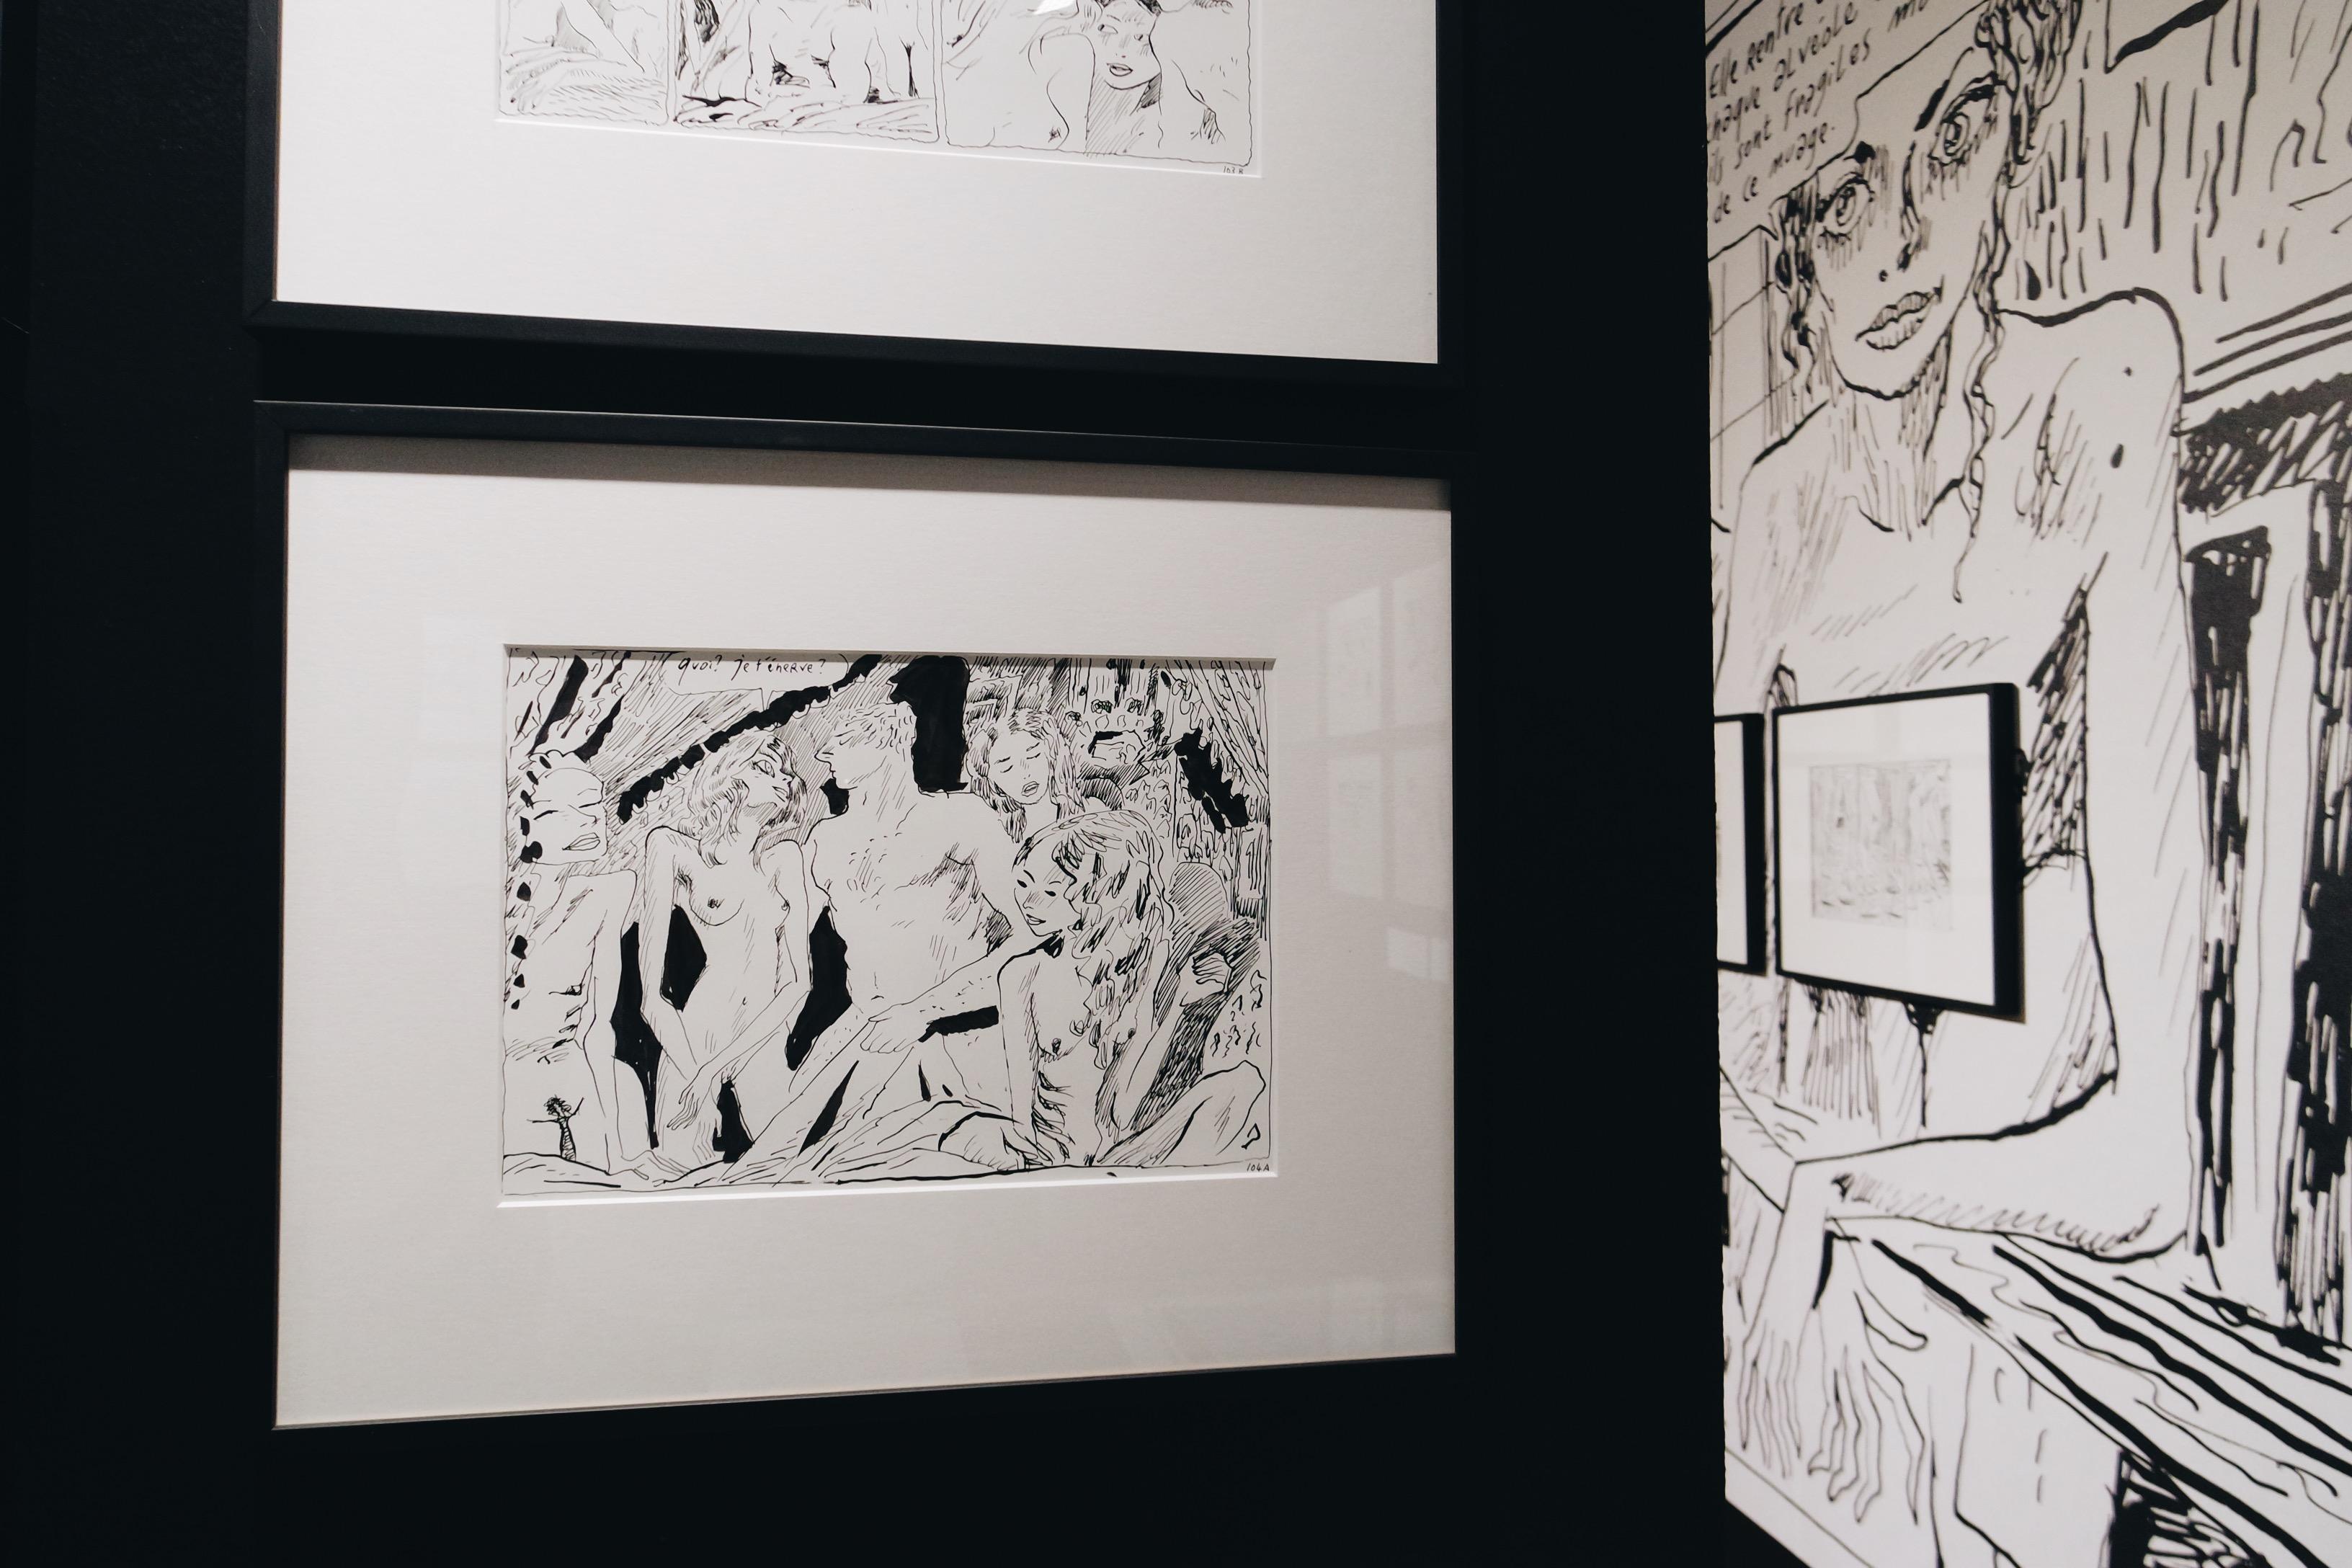 Joann-Sfar-dessin-original-muses-exposition-une-seconde-avant-l-eveil-Espace-Salvador-Dali-Paris-Montmatre-scénographie-Agence-Didier-Saco-Design